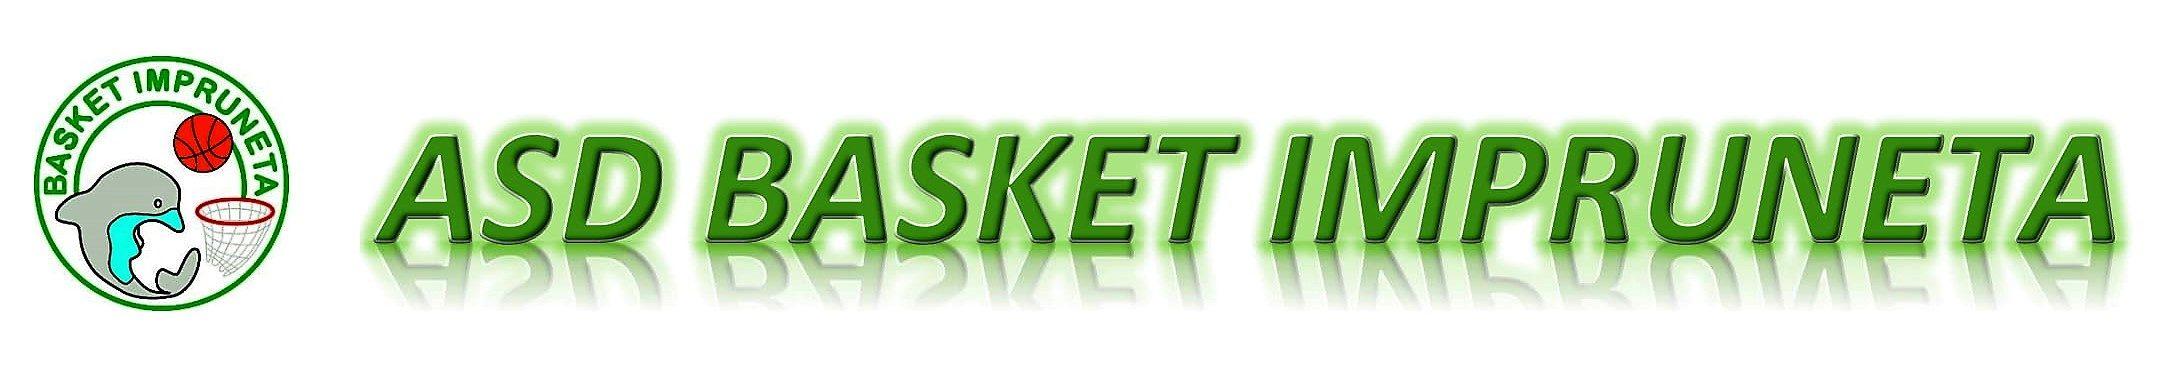 ASD Basket Impruneta